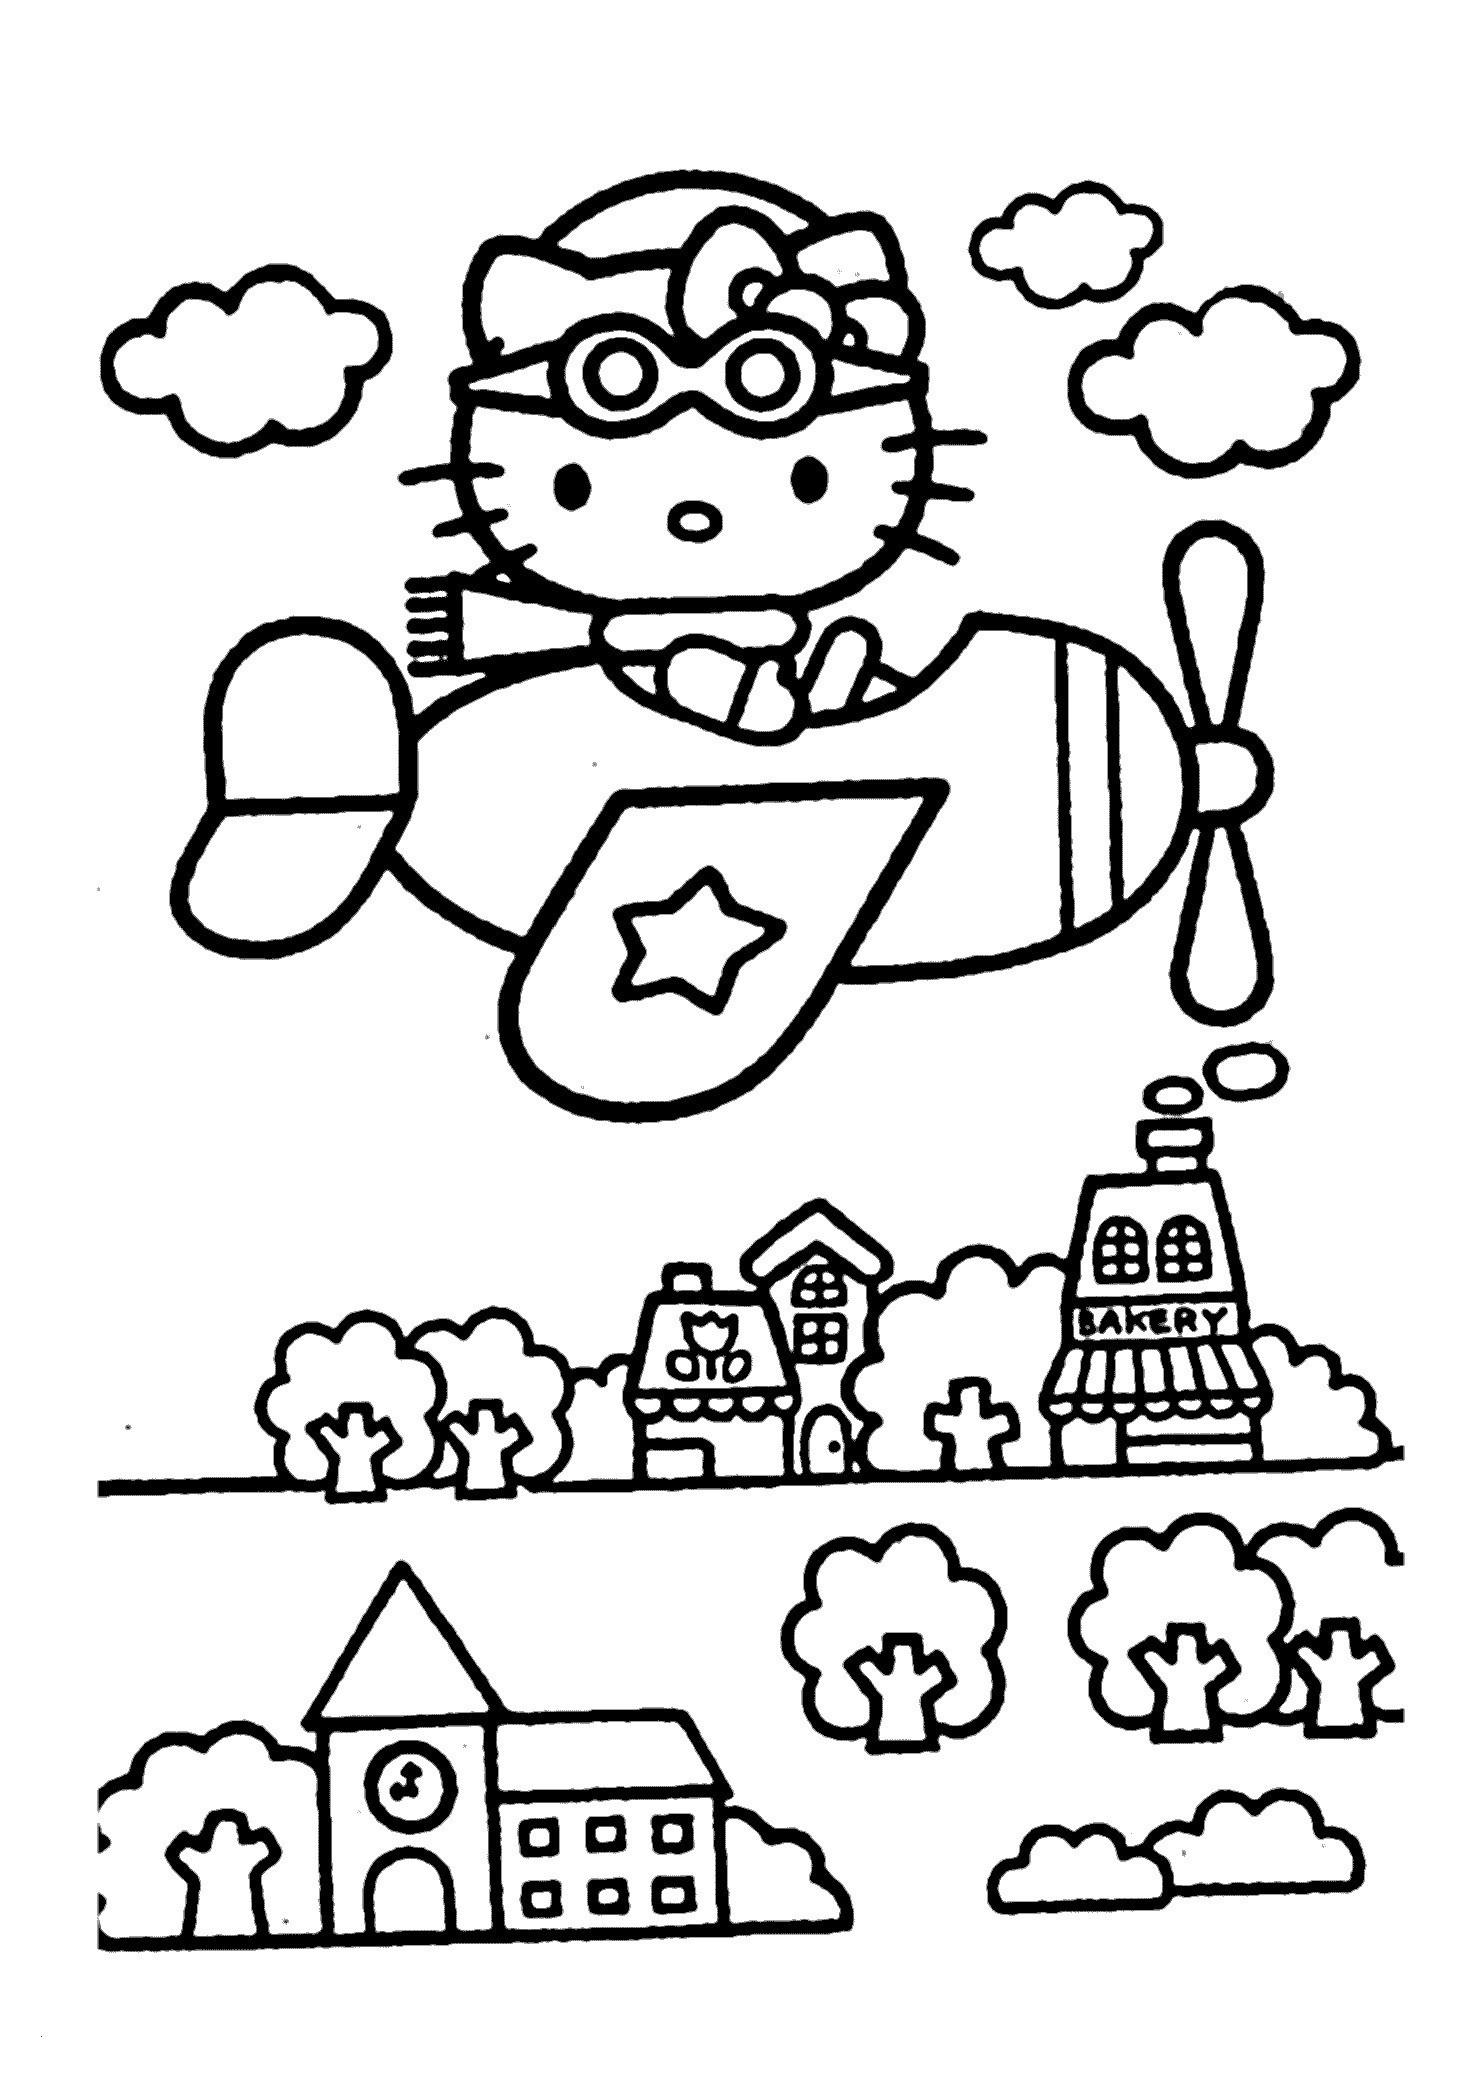 Ausmalbild Hello Kitty Inspirierend 32 Ausmalbilder Hello Kitty forstergallery Fotografieren